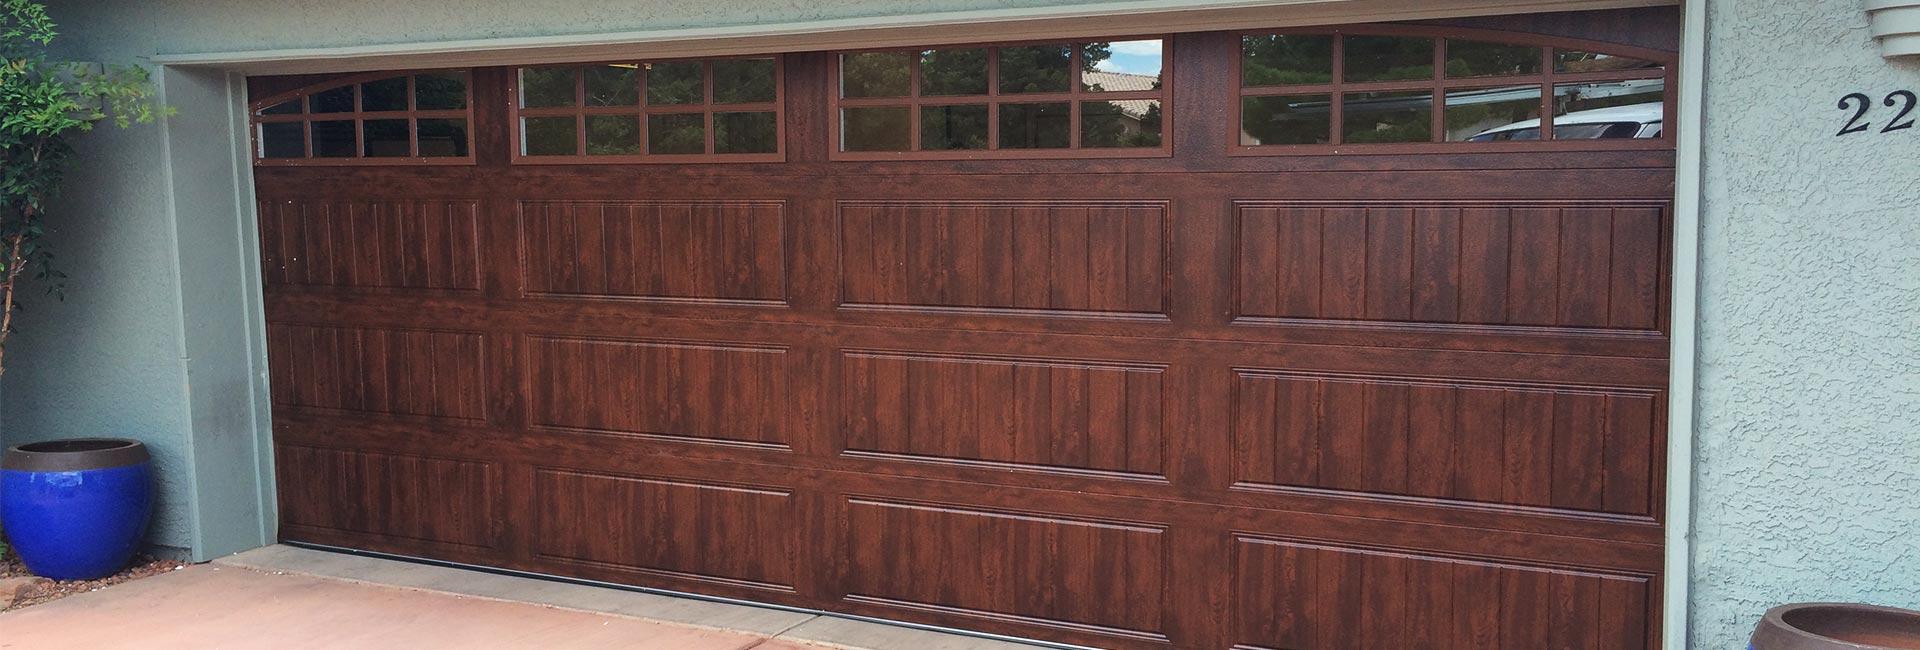 Local Full Service Garage Door Retailer That Is Dedicated To Your  Satisfaction!